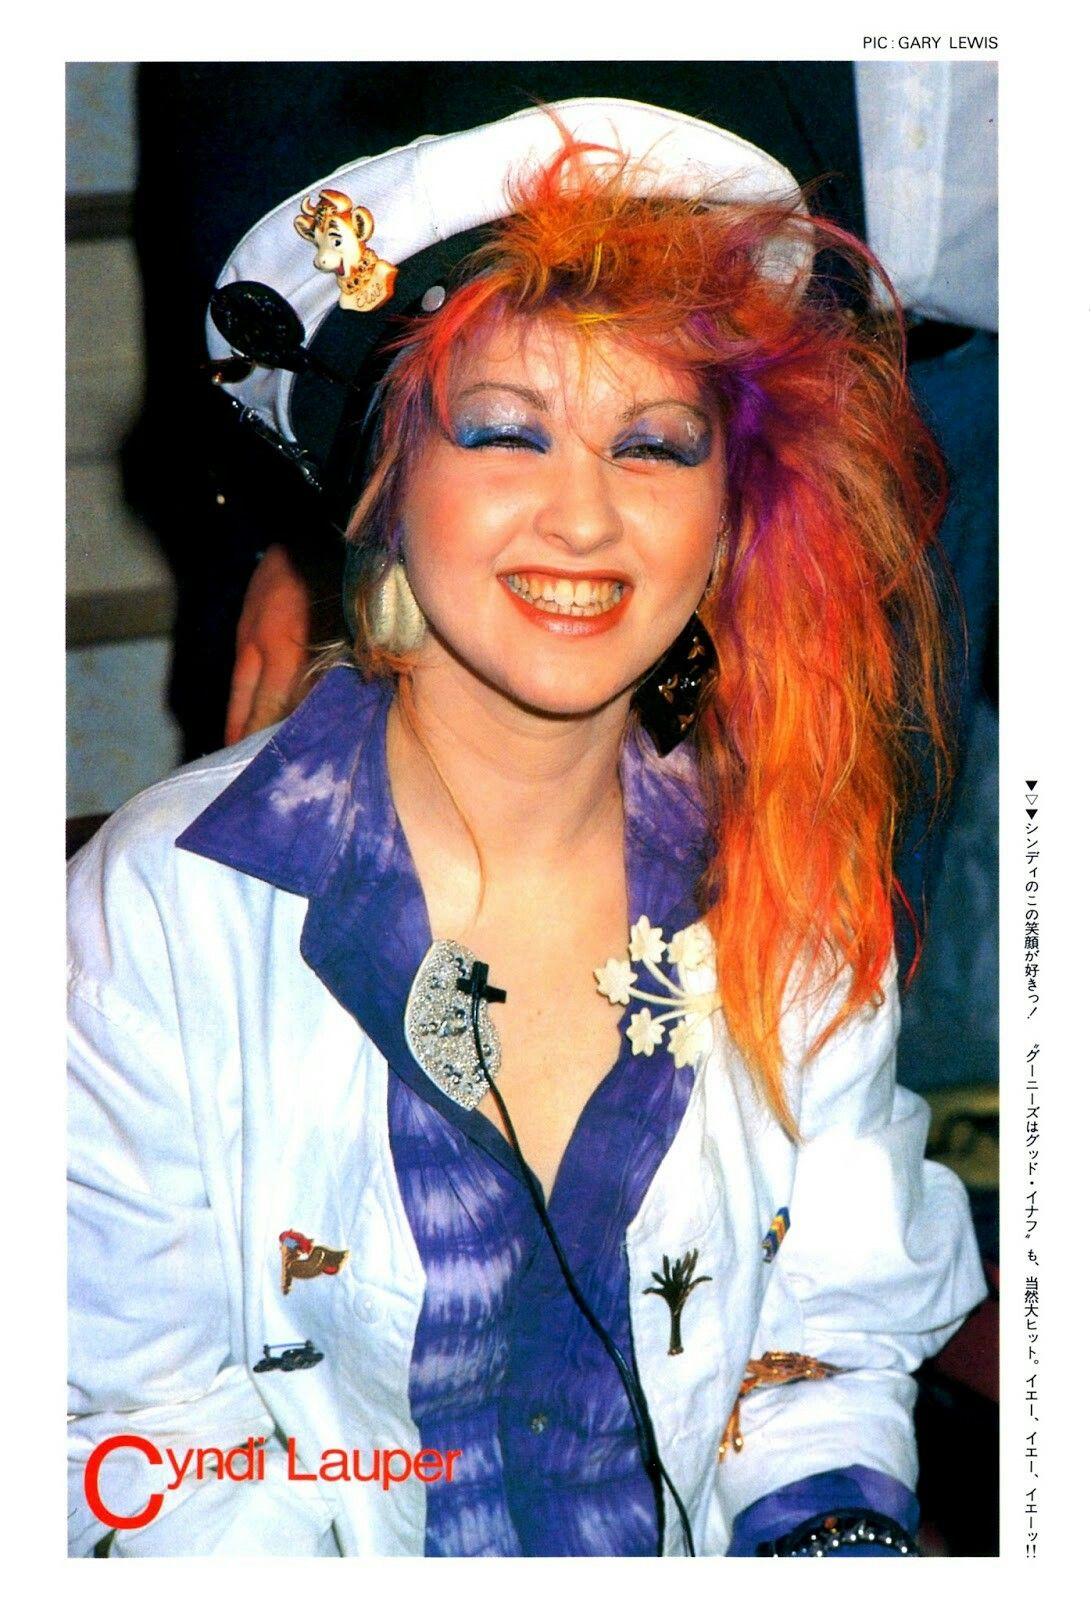 Cyndi Lauper Cyndi lauper, 80s trends, Style